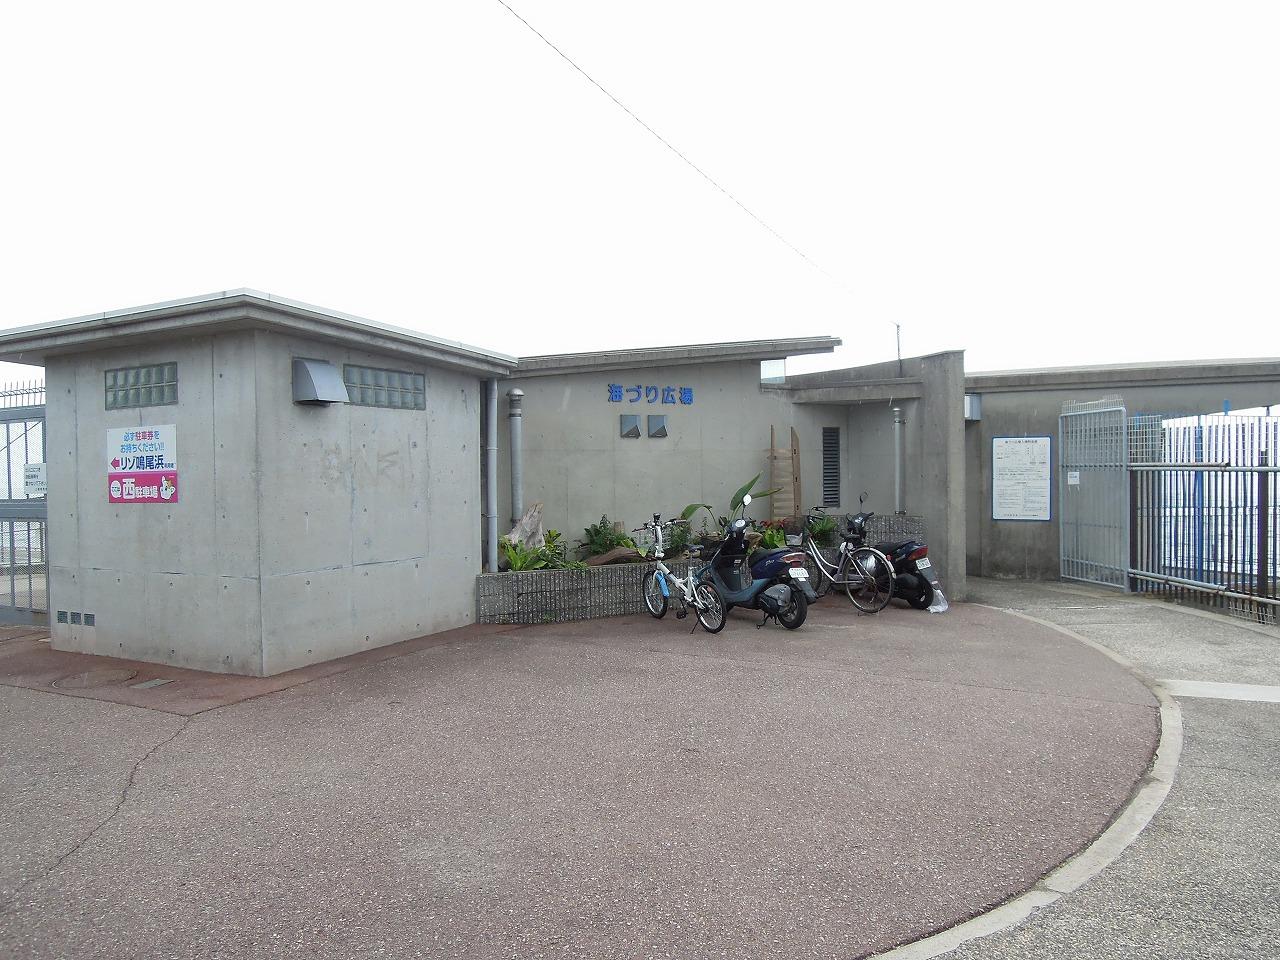 臨海 鳴尾 公園 釣り 浜